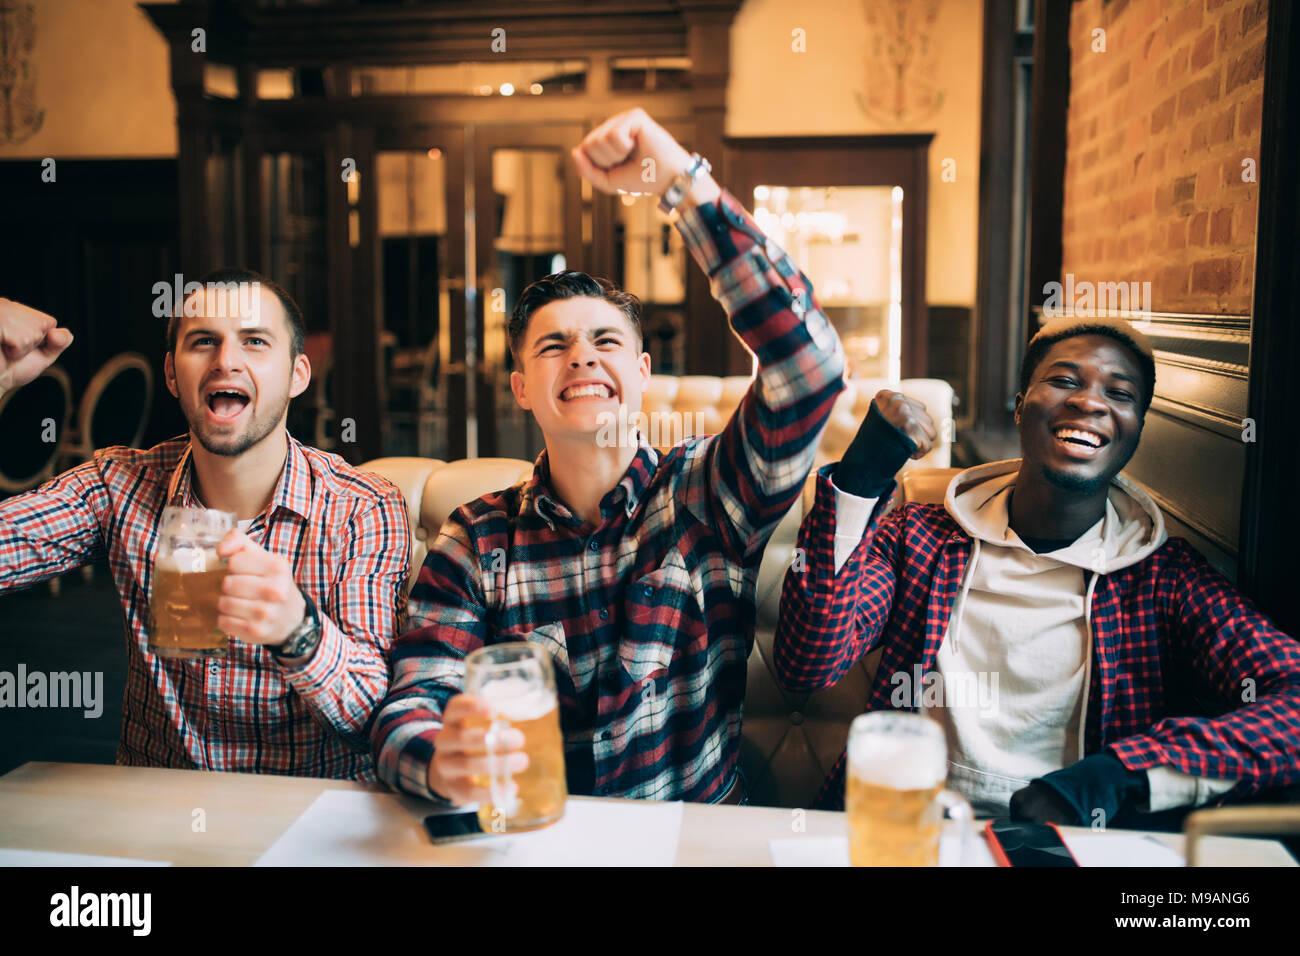 Feliz football fans o amigos varones bebiendo cerveza y celebrando la victoria en el bar o pub Imagen De Stock